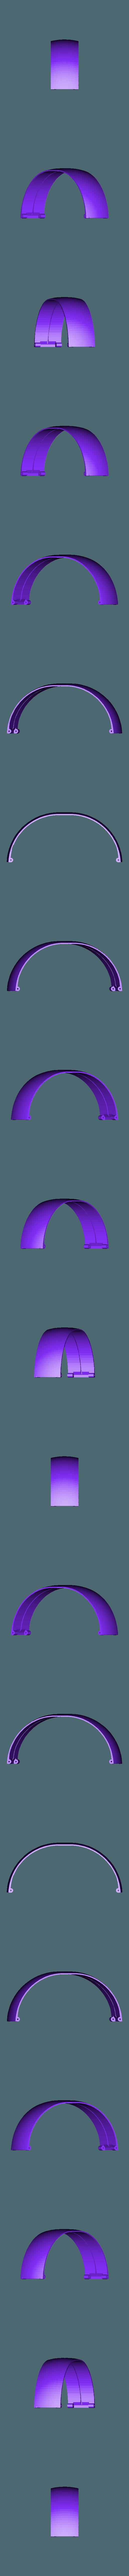 SonyGoldHeadband_Wide.STL.stl Télécharger fichier STL gratuit Serre-tête de remplacement Sony Gold Wireless Heaset • Design pour imprimante 3D, Dsk